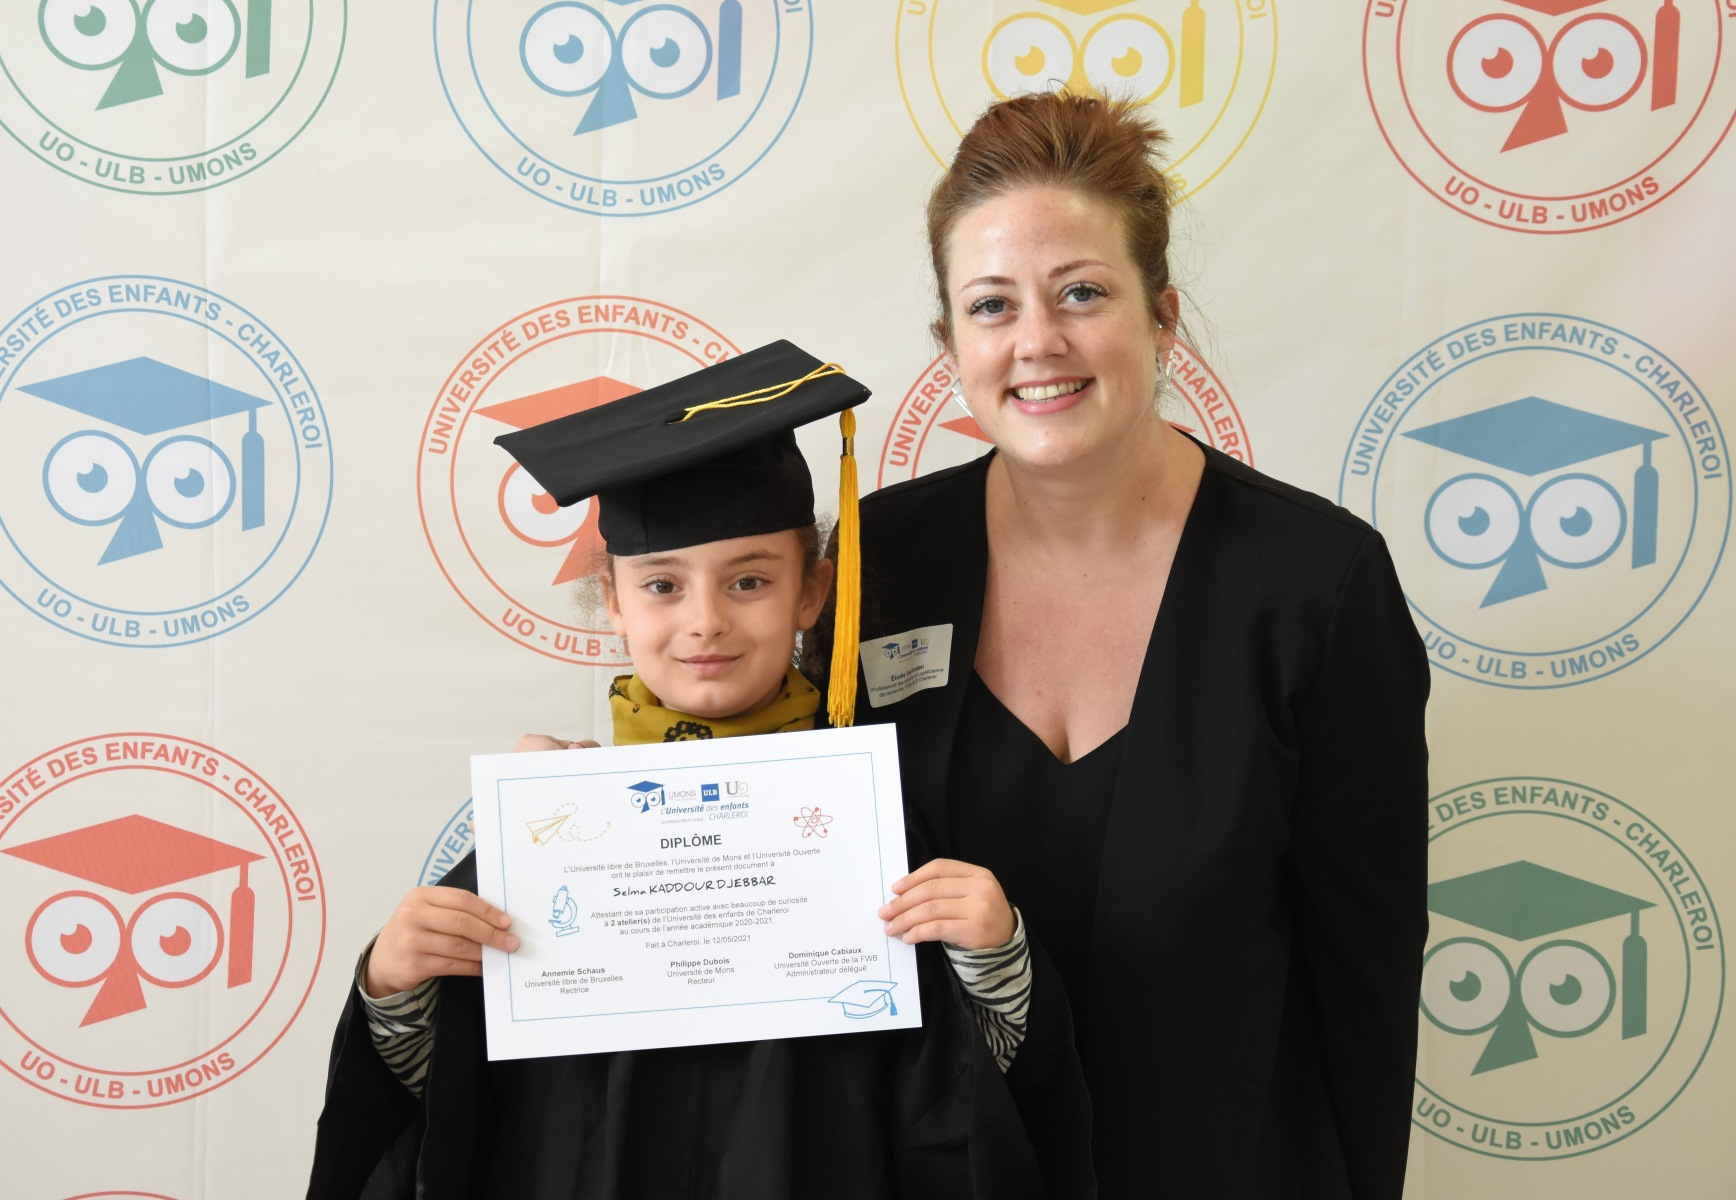 2021-05-12_Remise-de-diplome-66